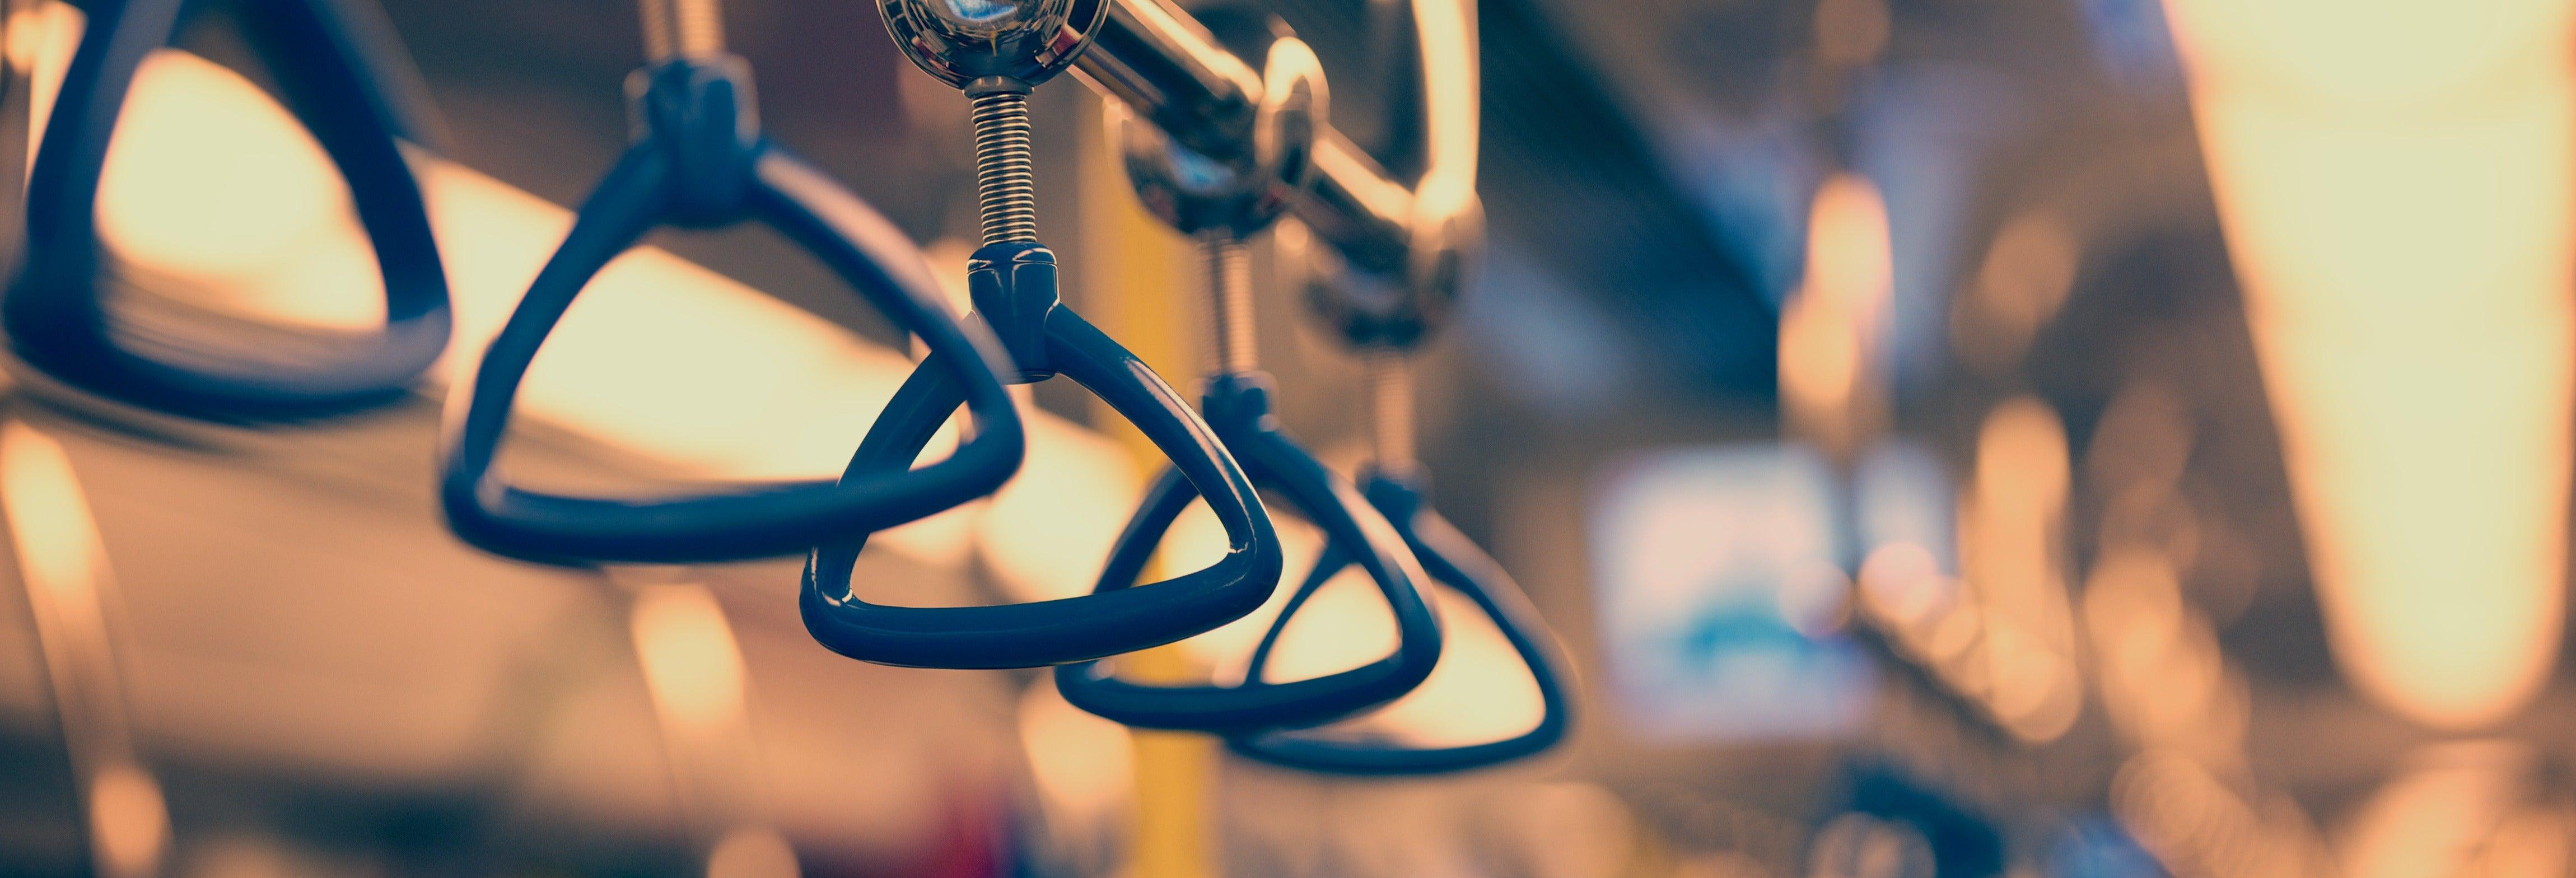 Pase para el metro de Tokio